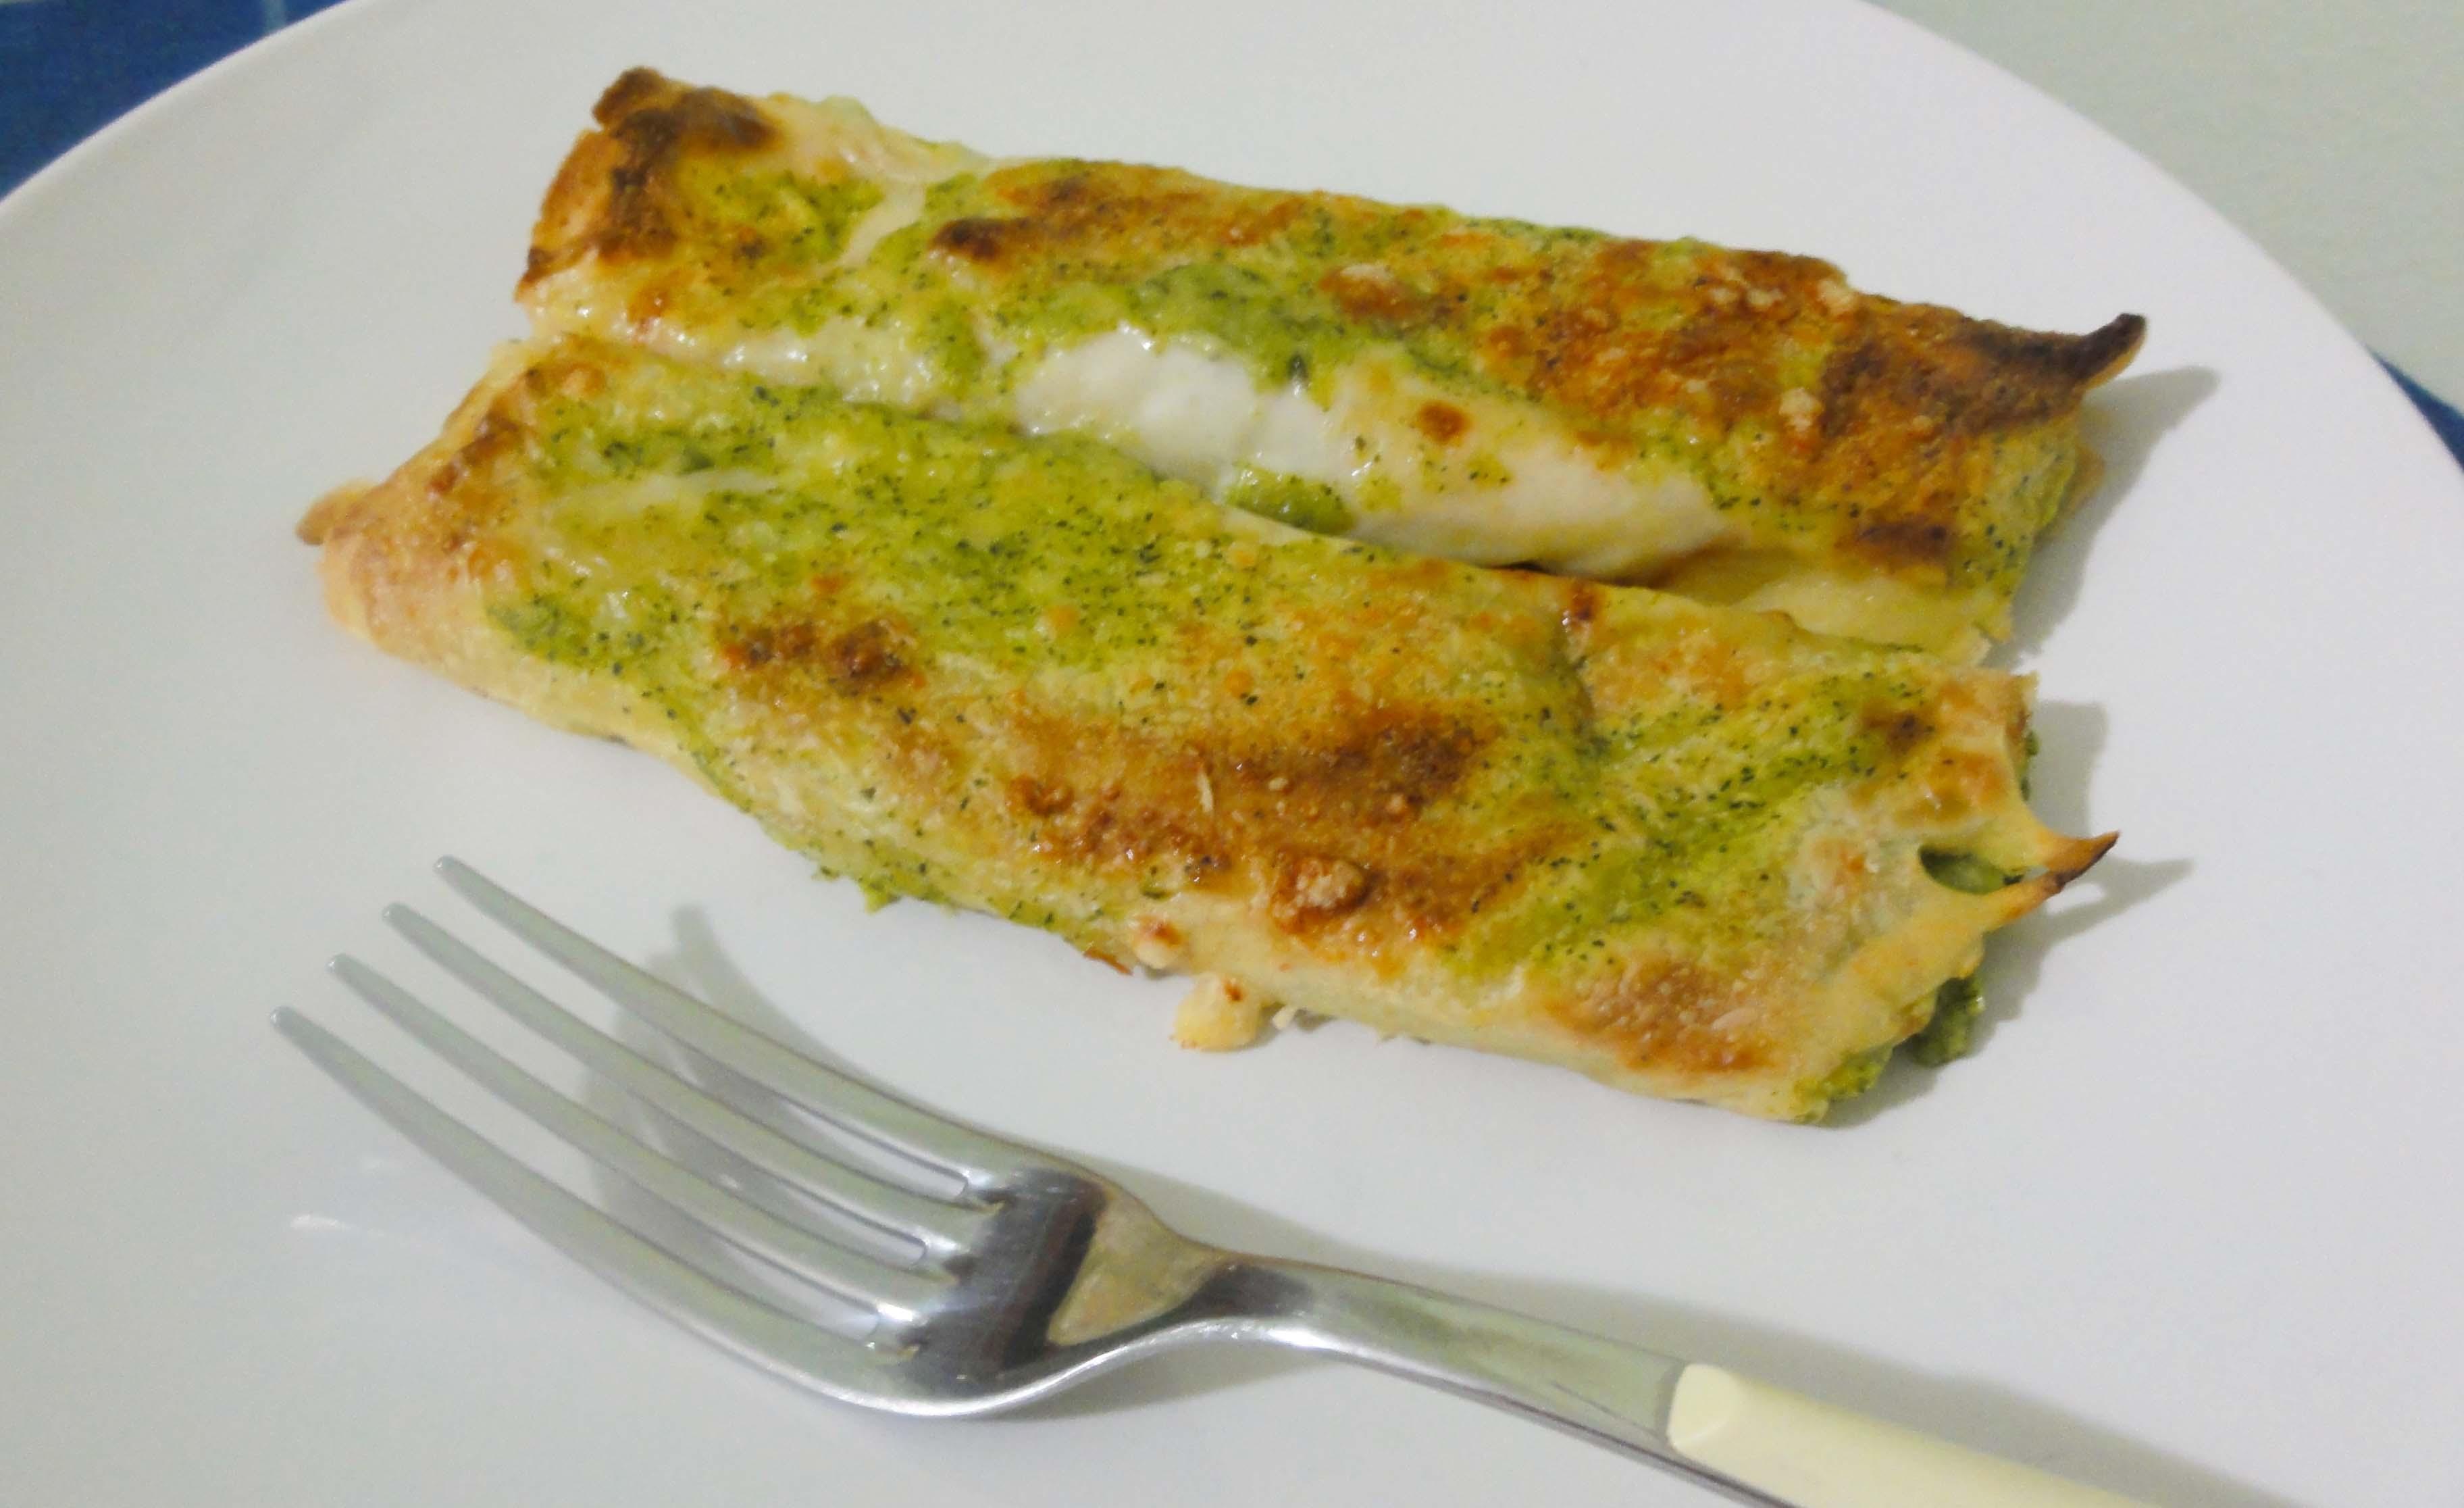 Crespelle vegetariane: con crema di zucchine